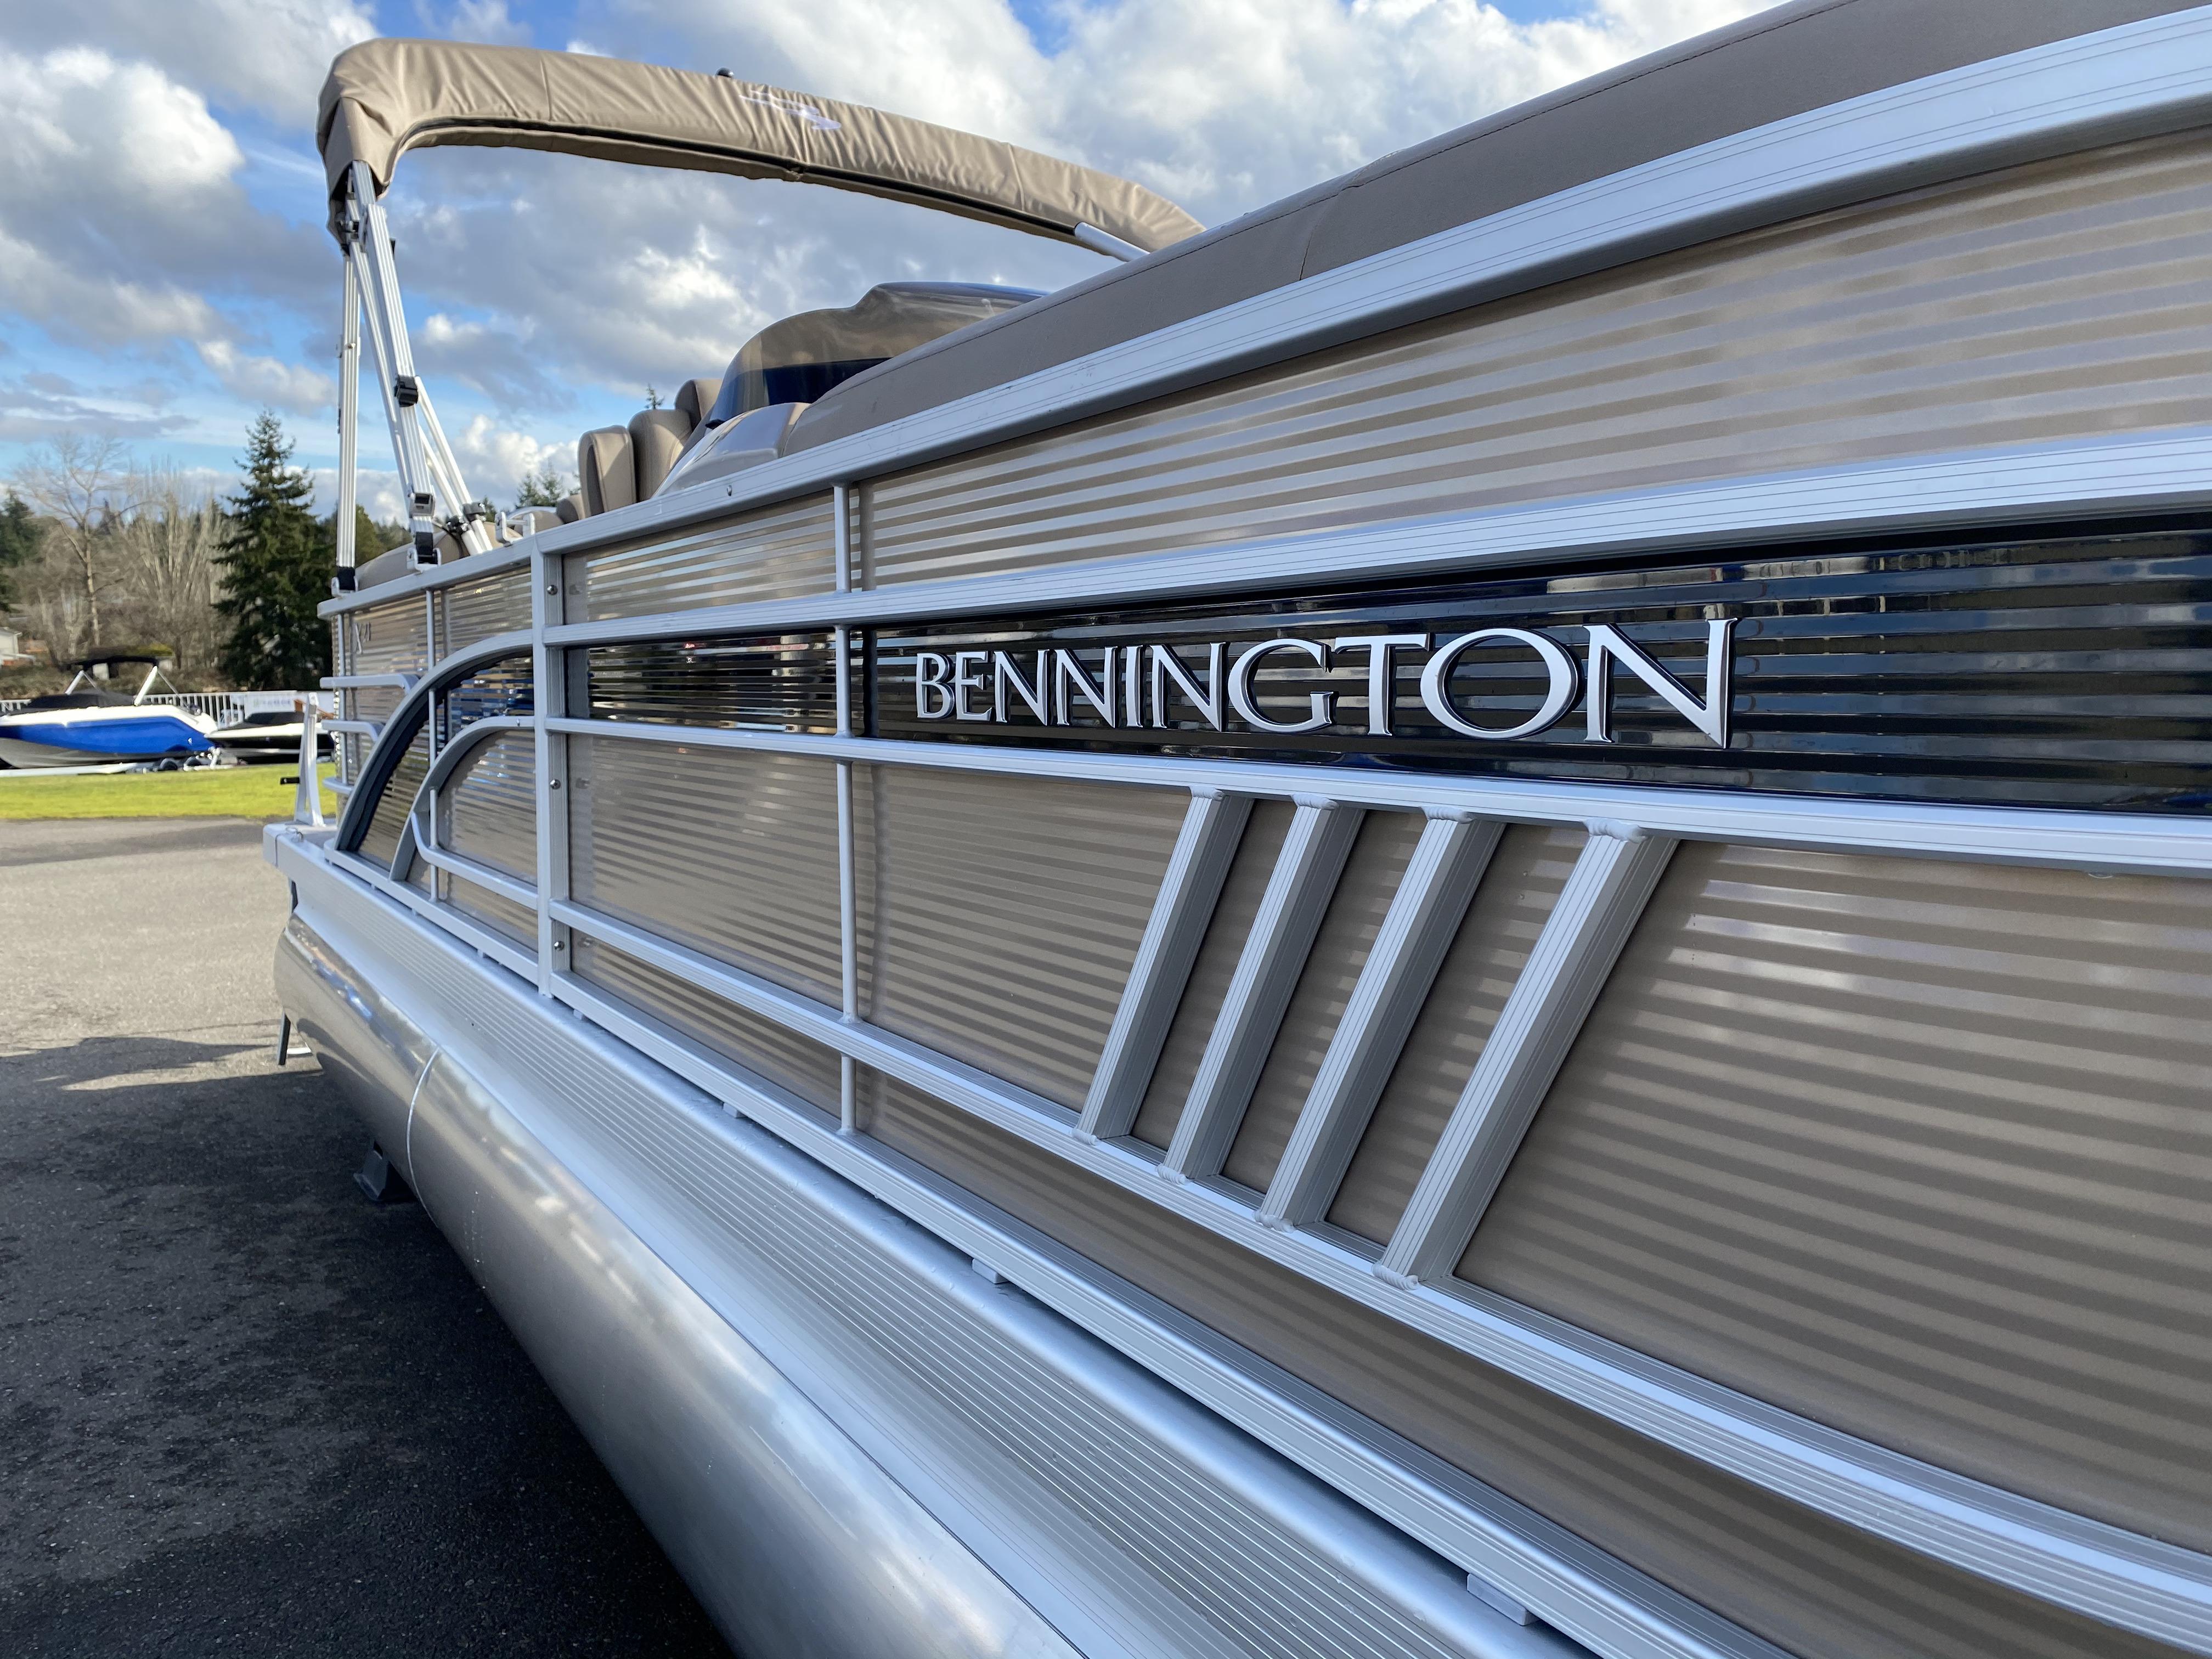 2021 Bennington 23 LXSR